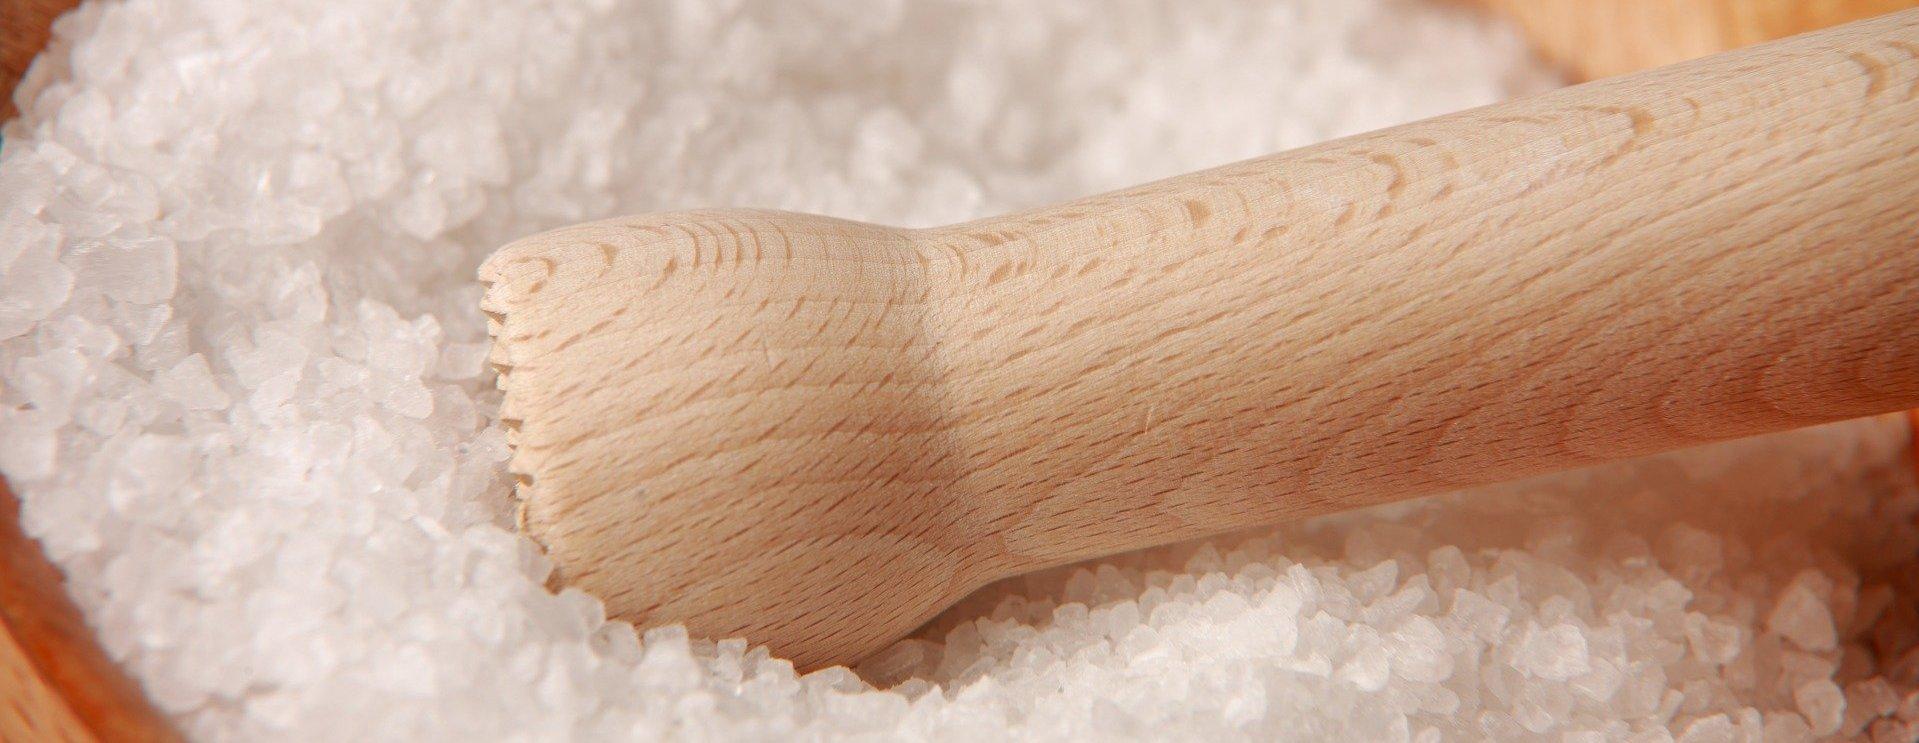 В Волгограде наладили импортозамещение соли